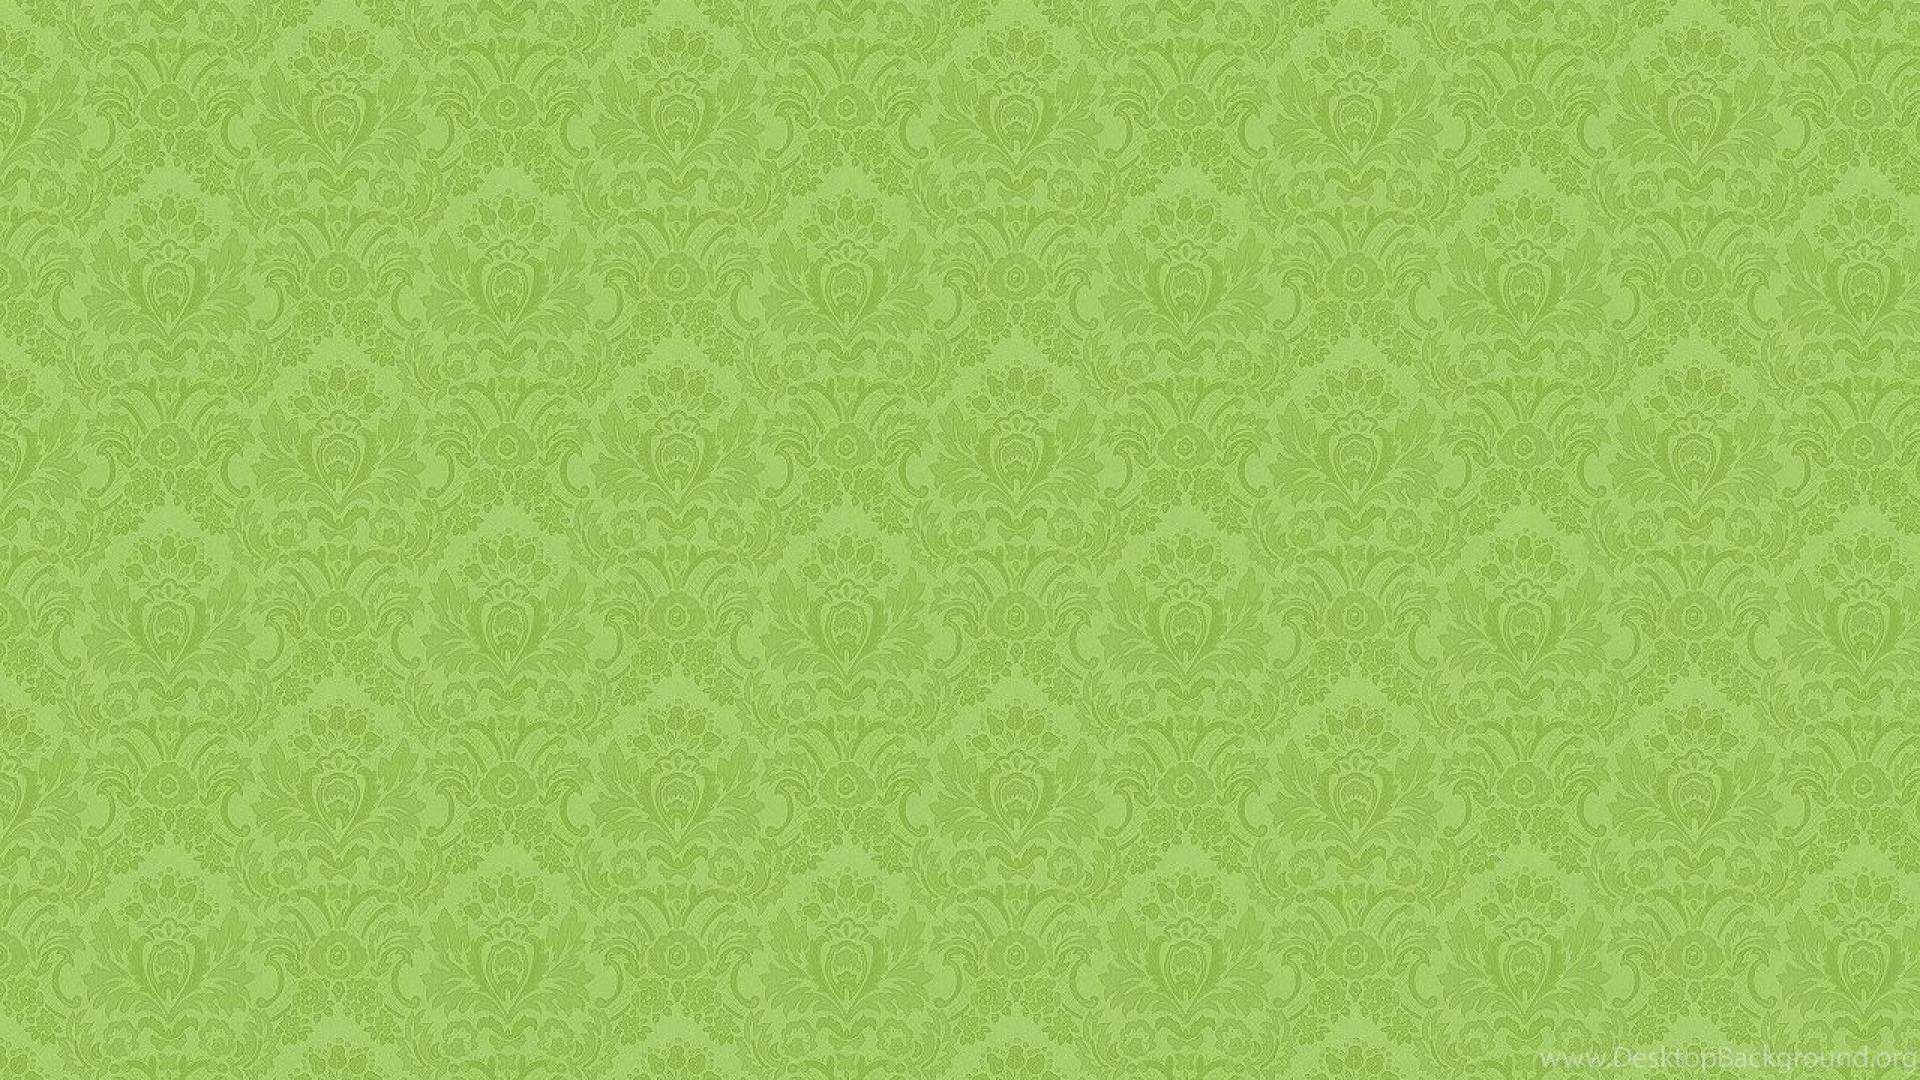 этом зеленые обои на стену фон кузнецов новости